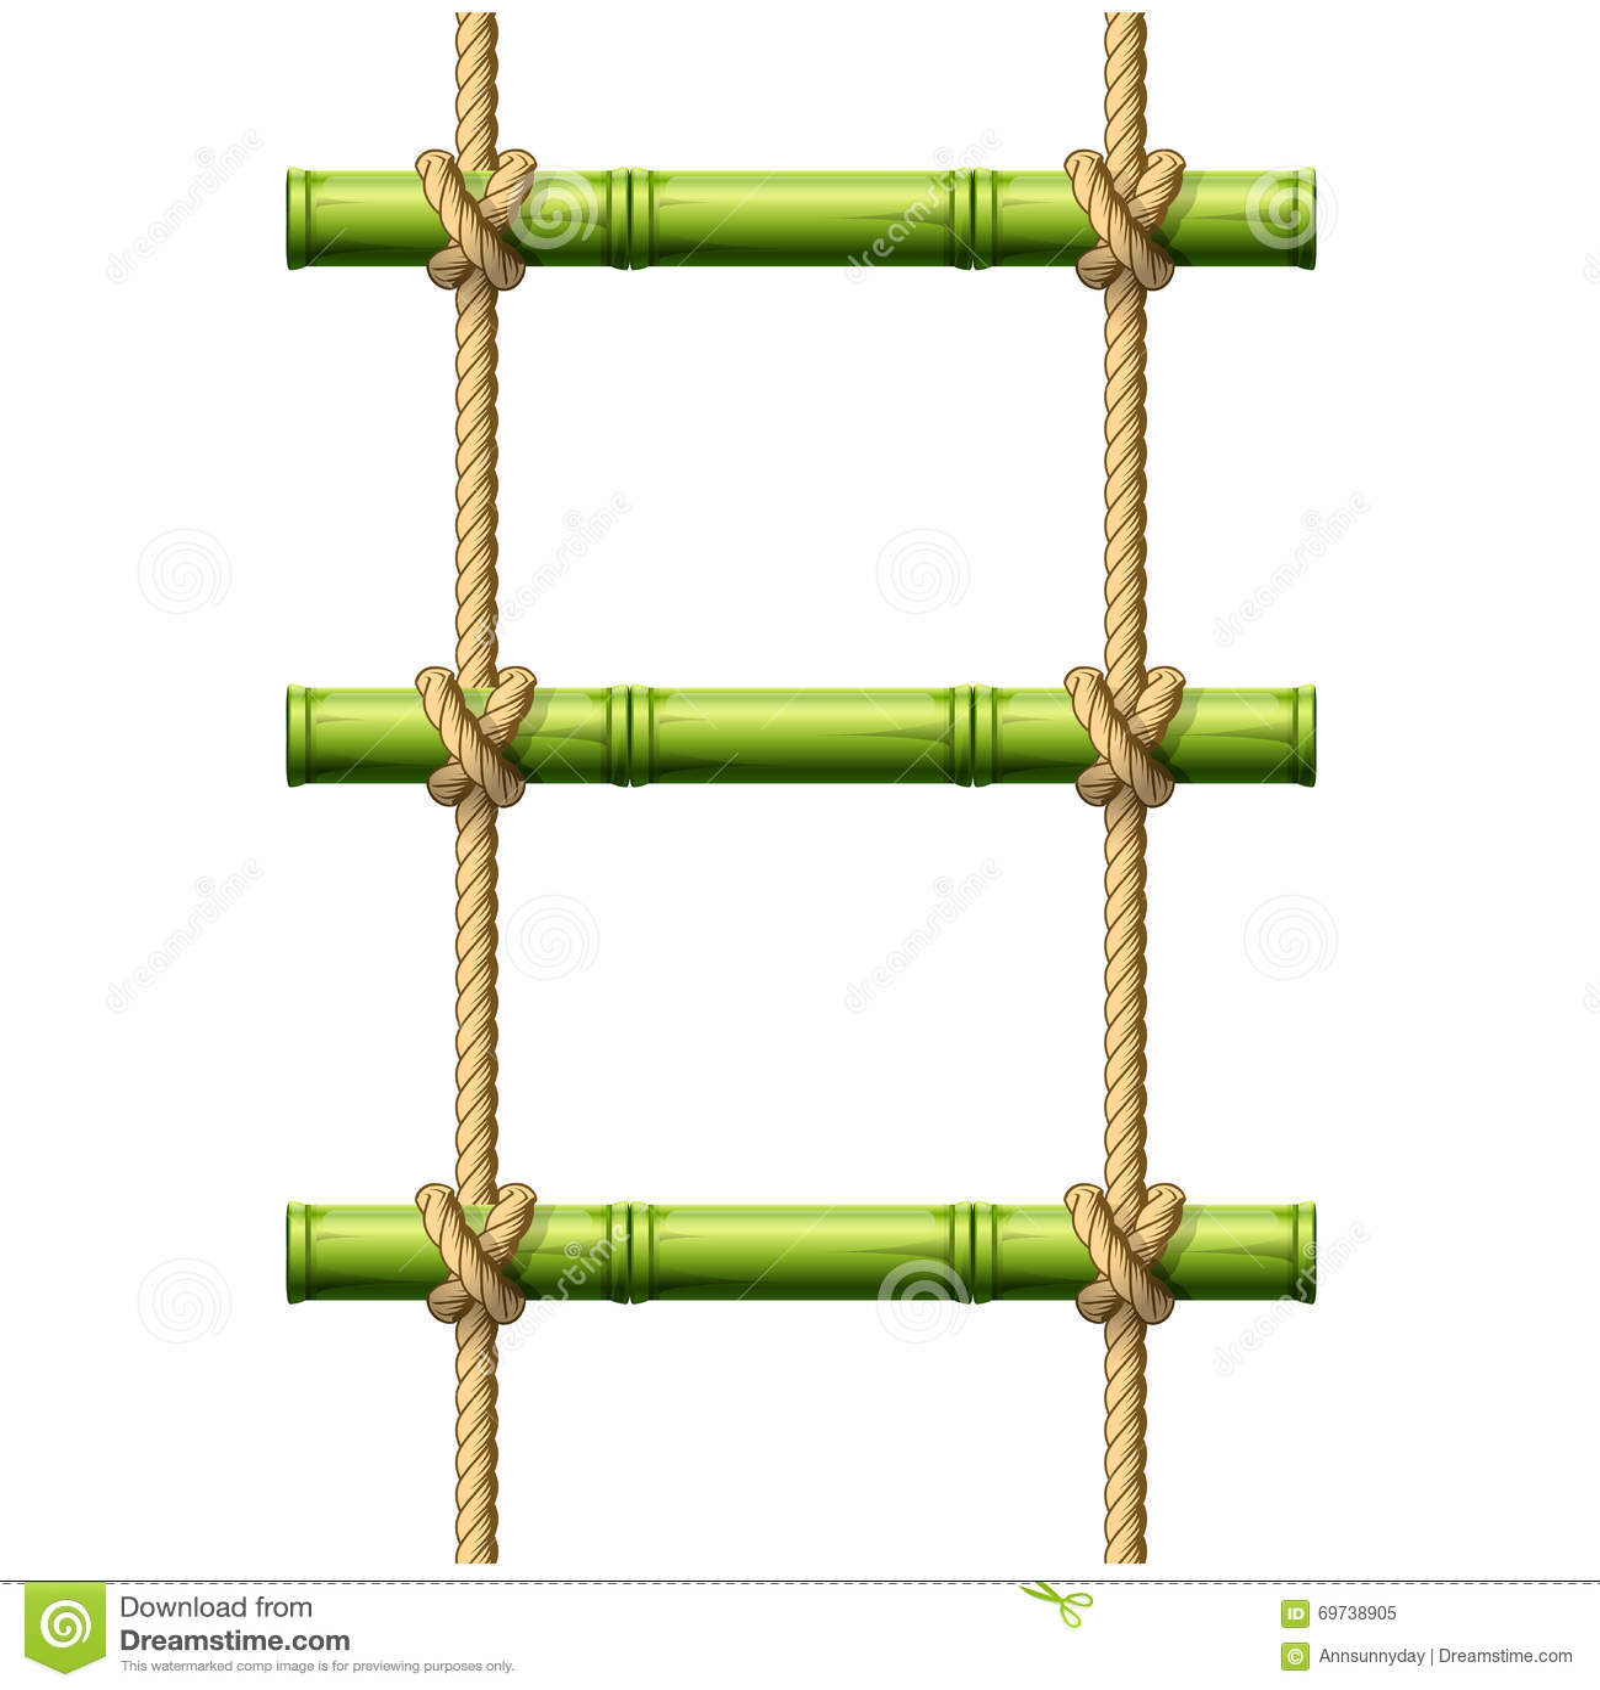 Escalera de cuerda de bamb ilustraci n del vector - Escalera de cuerda ...